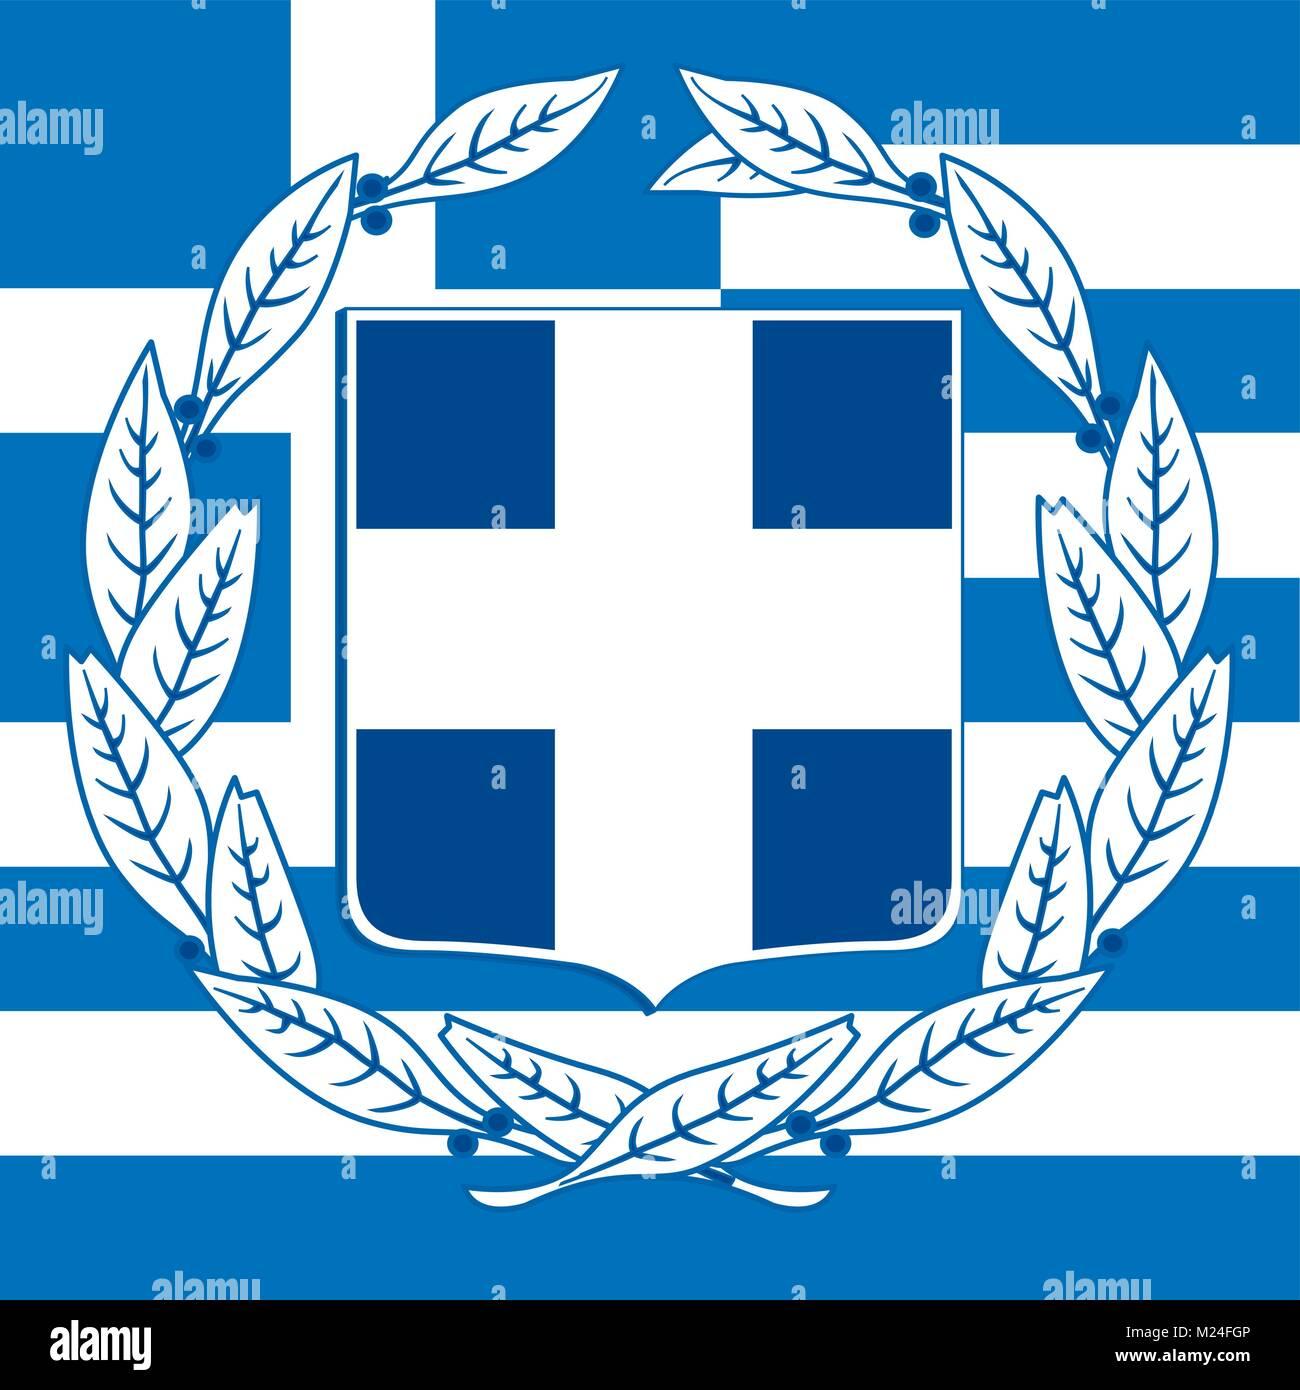 Grecia el escudo y la bandera, símbolos oficiales de la nación Ilustración del Vector